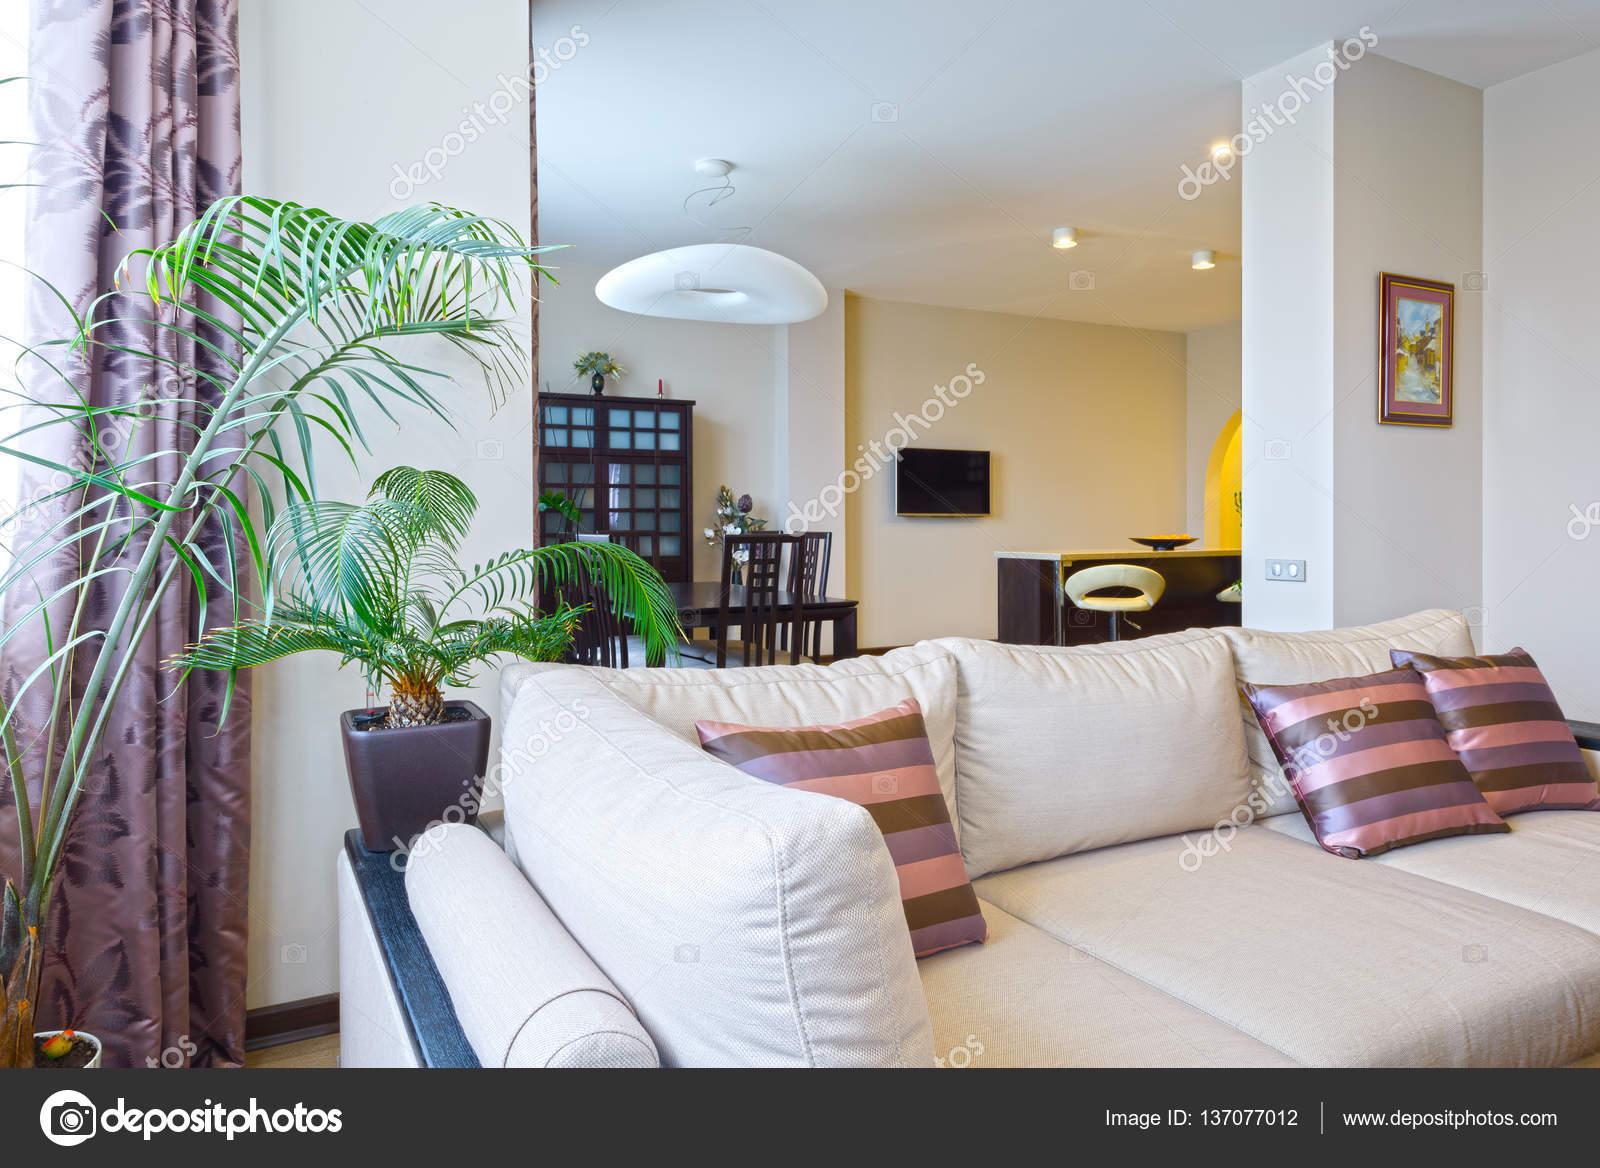 Das Innere aus einem schönen Wohnzimmer mit modernen Möbeln in ...